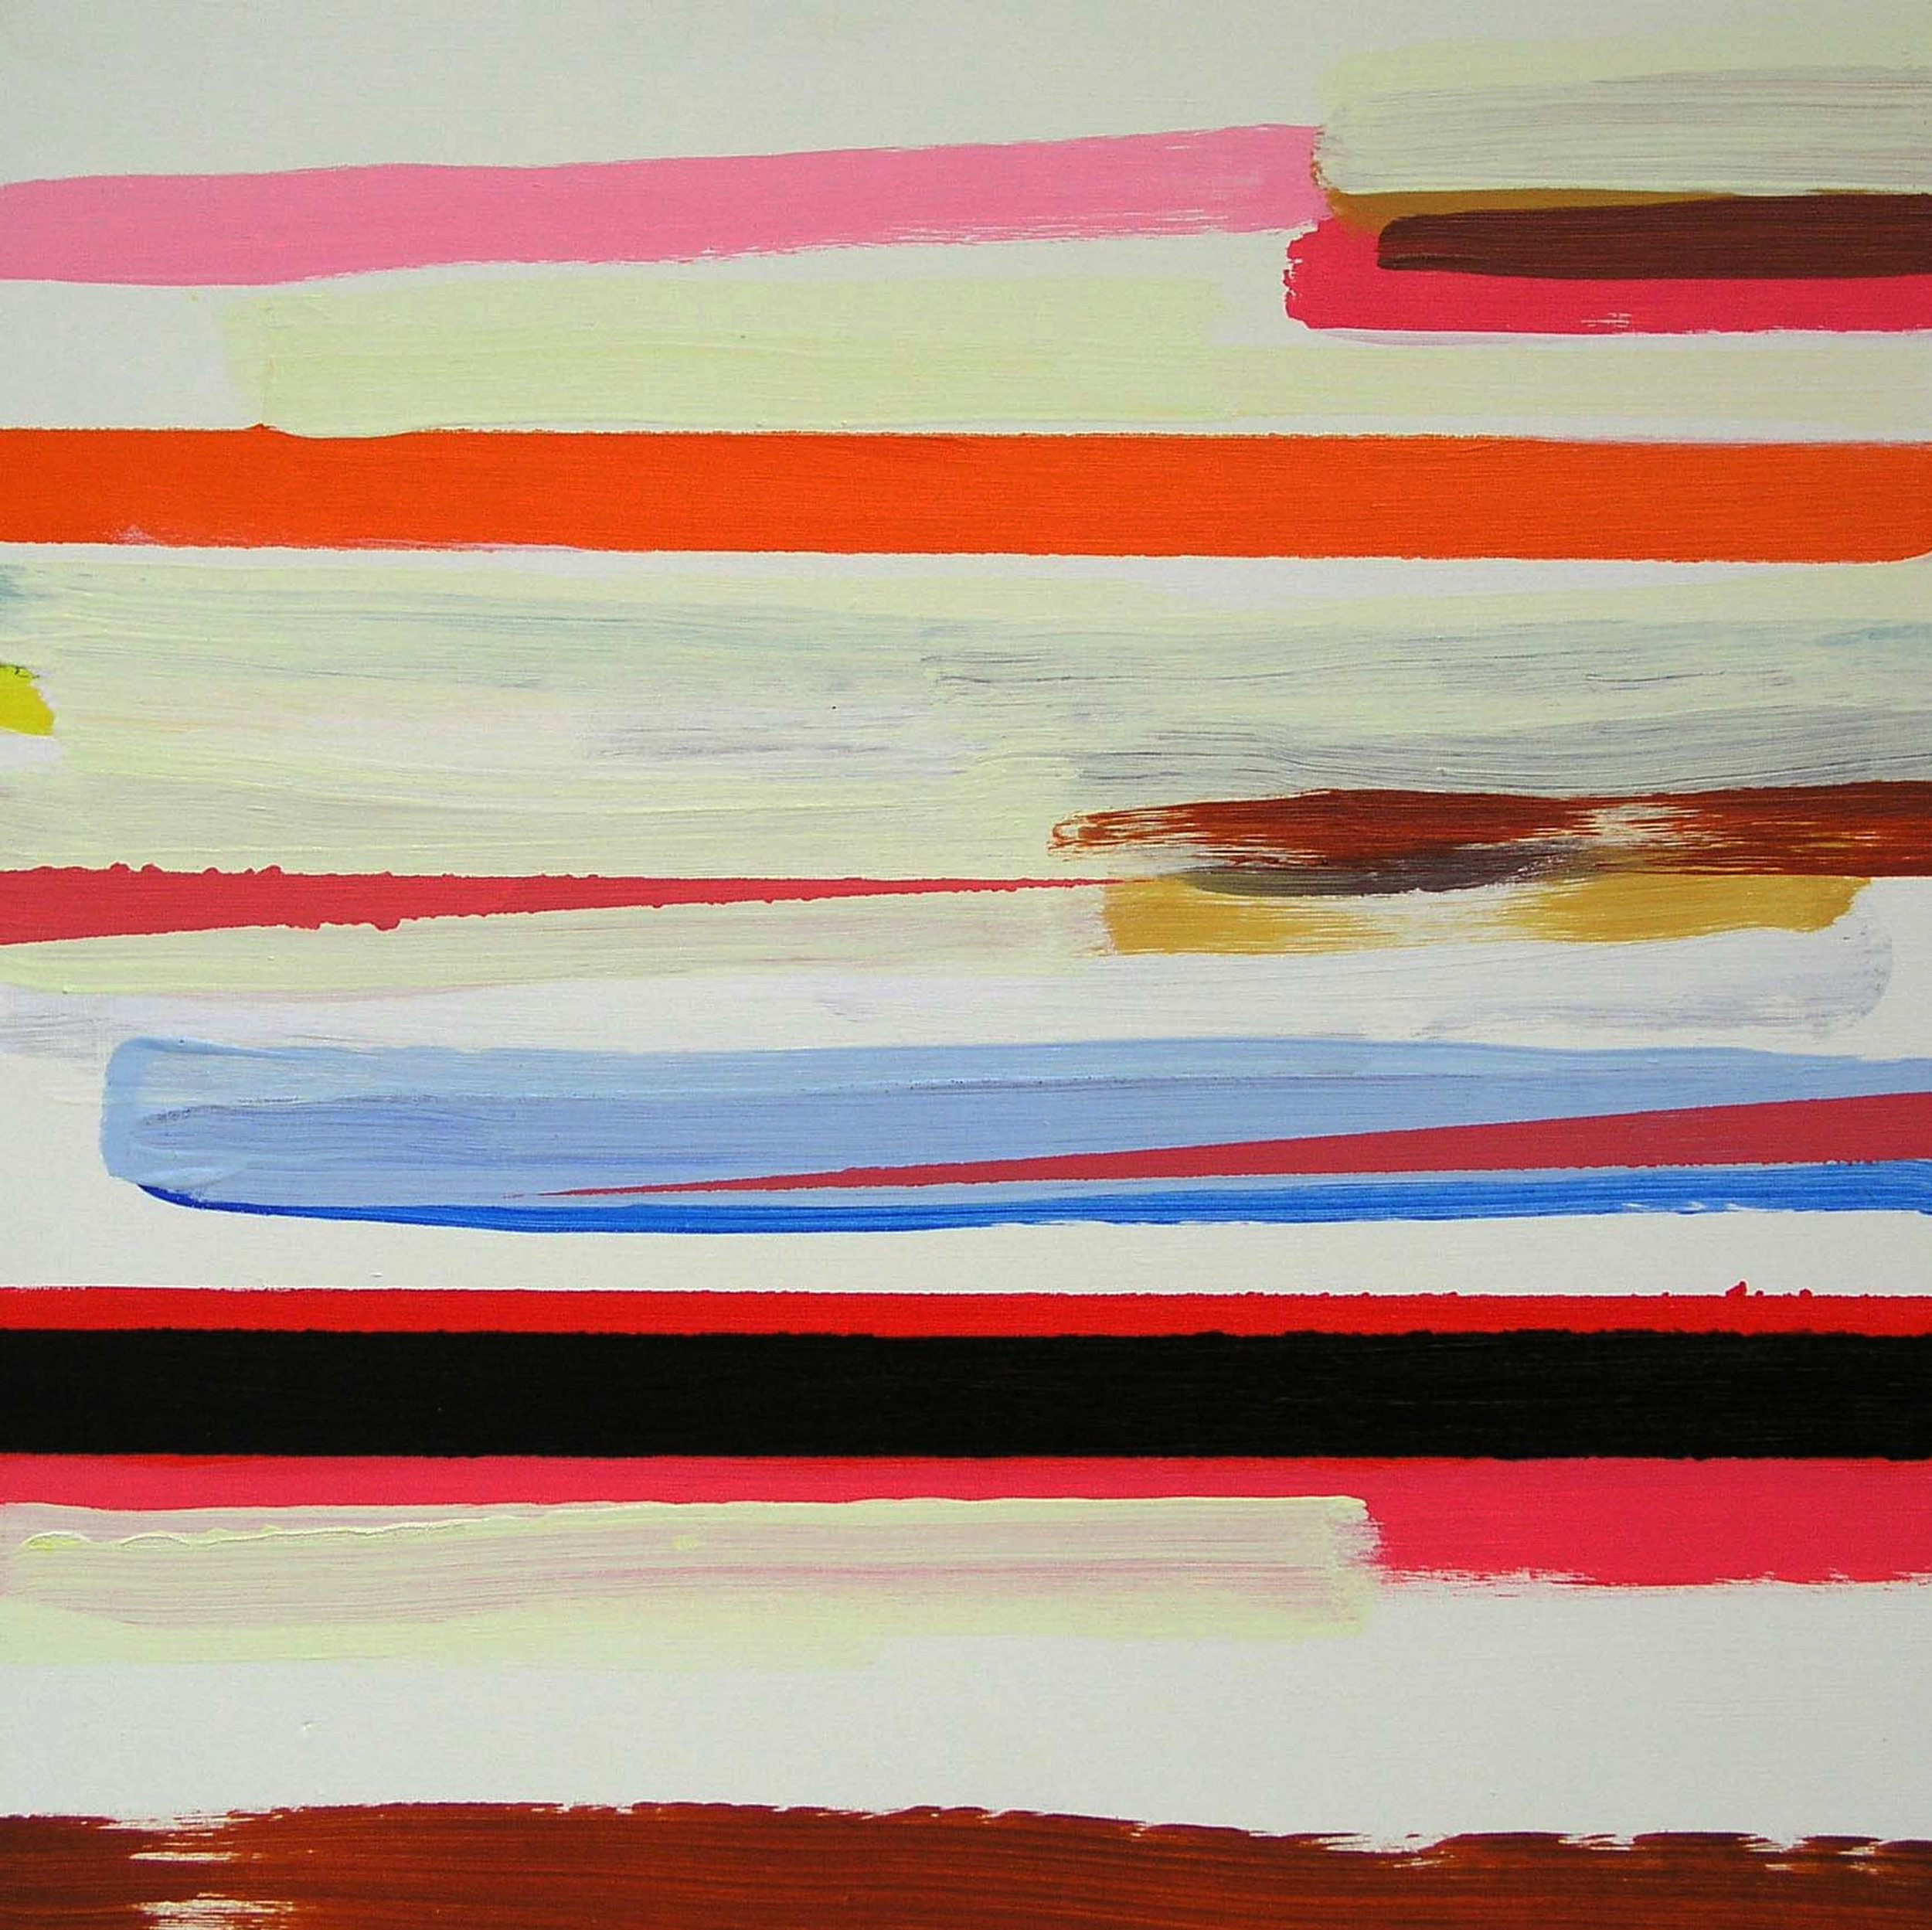 Shoreline 1  2009, 40 x 40cm acrylic on board